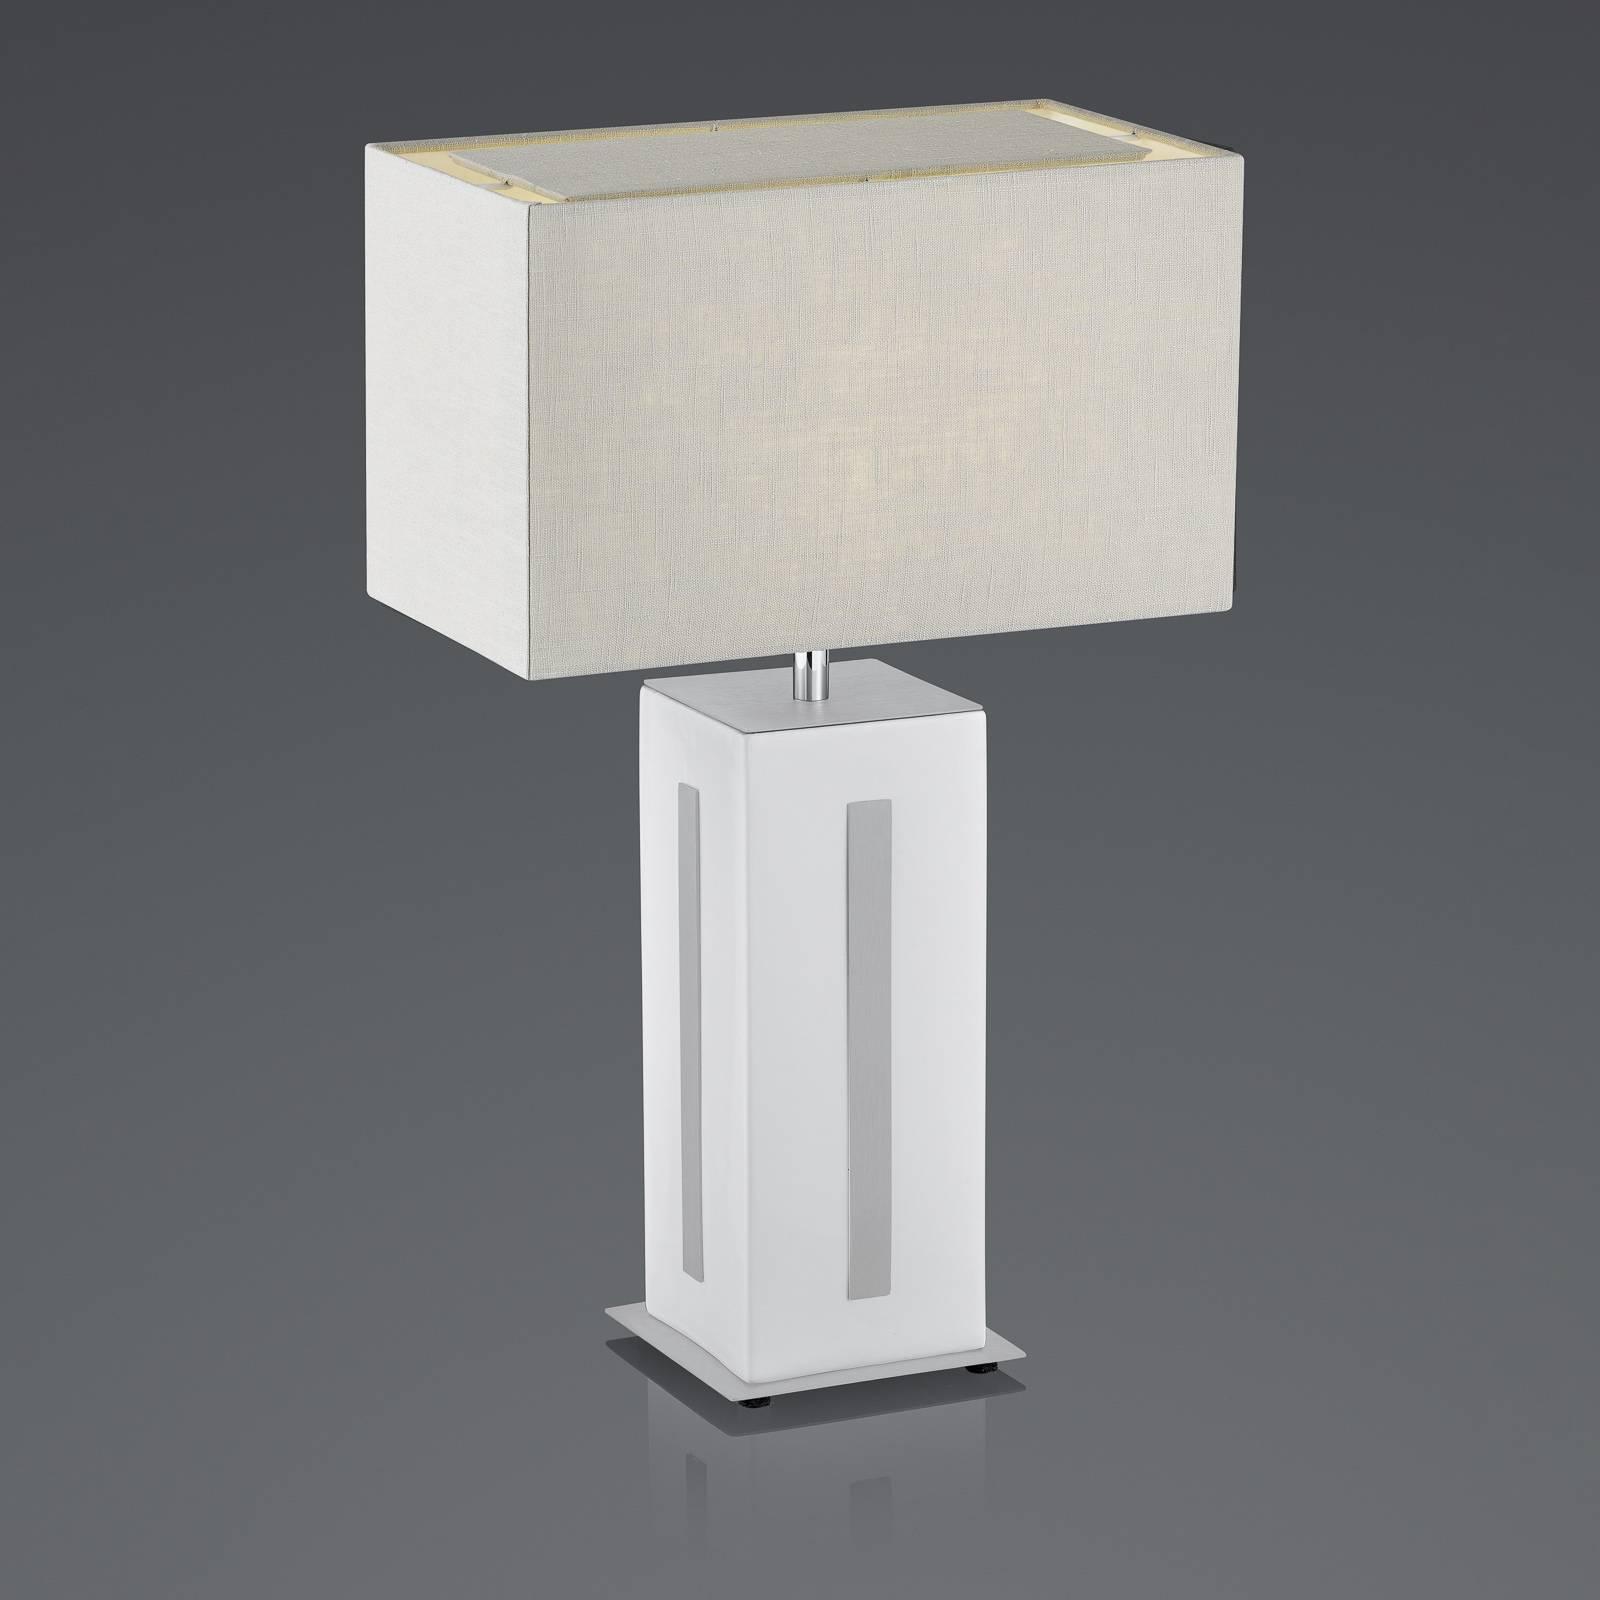 BANKAMP Karlo Tischleuchte weiß/grau, Höhe 56cm